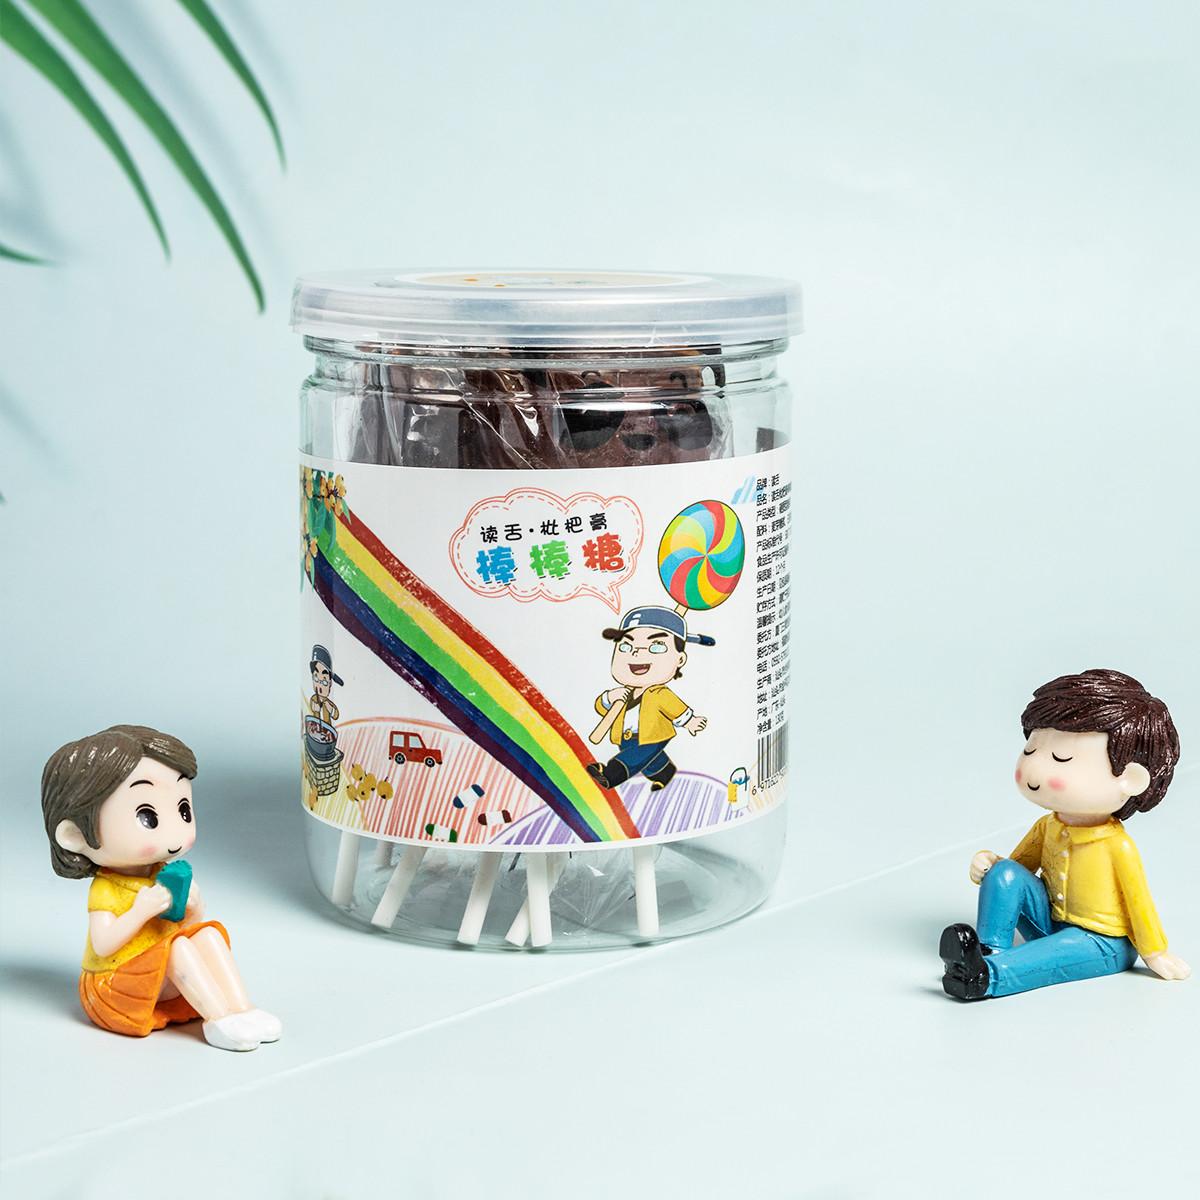 读舌儿童水果枇杷膏棒棒糖休闲零食麦芽糖果卡通创意罐桶装批发130gCOLOR枇杷膏棒棒糖130g*1